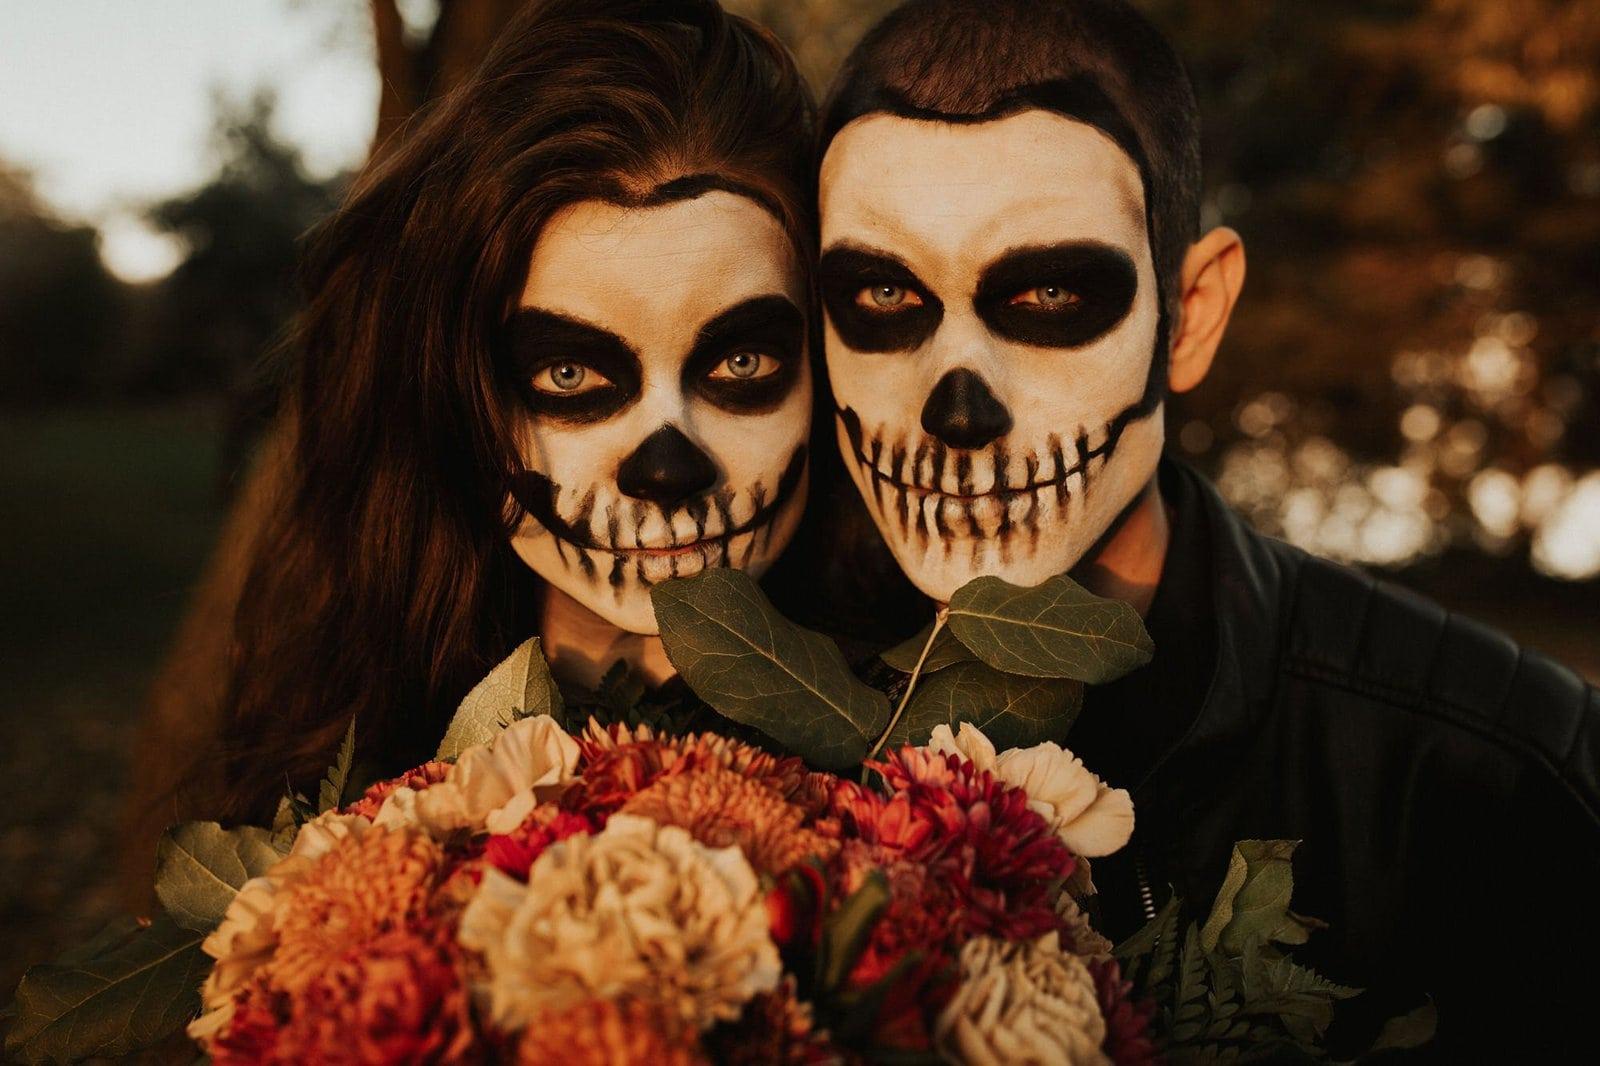 skeleton makeup on couple.